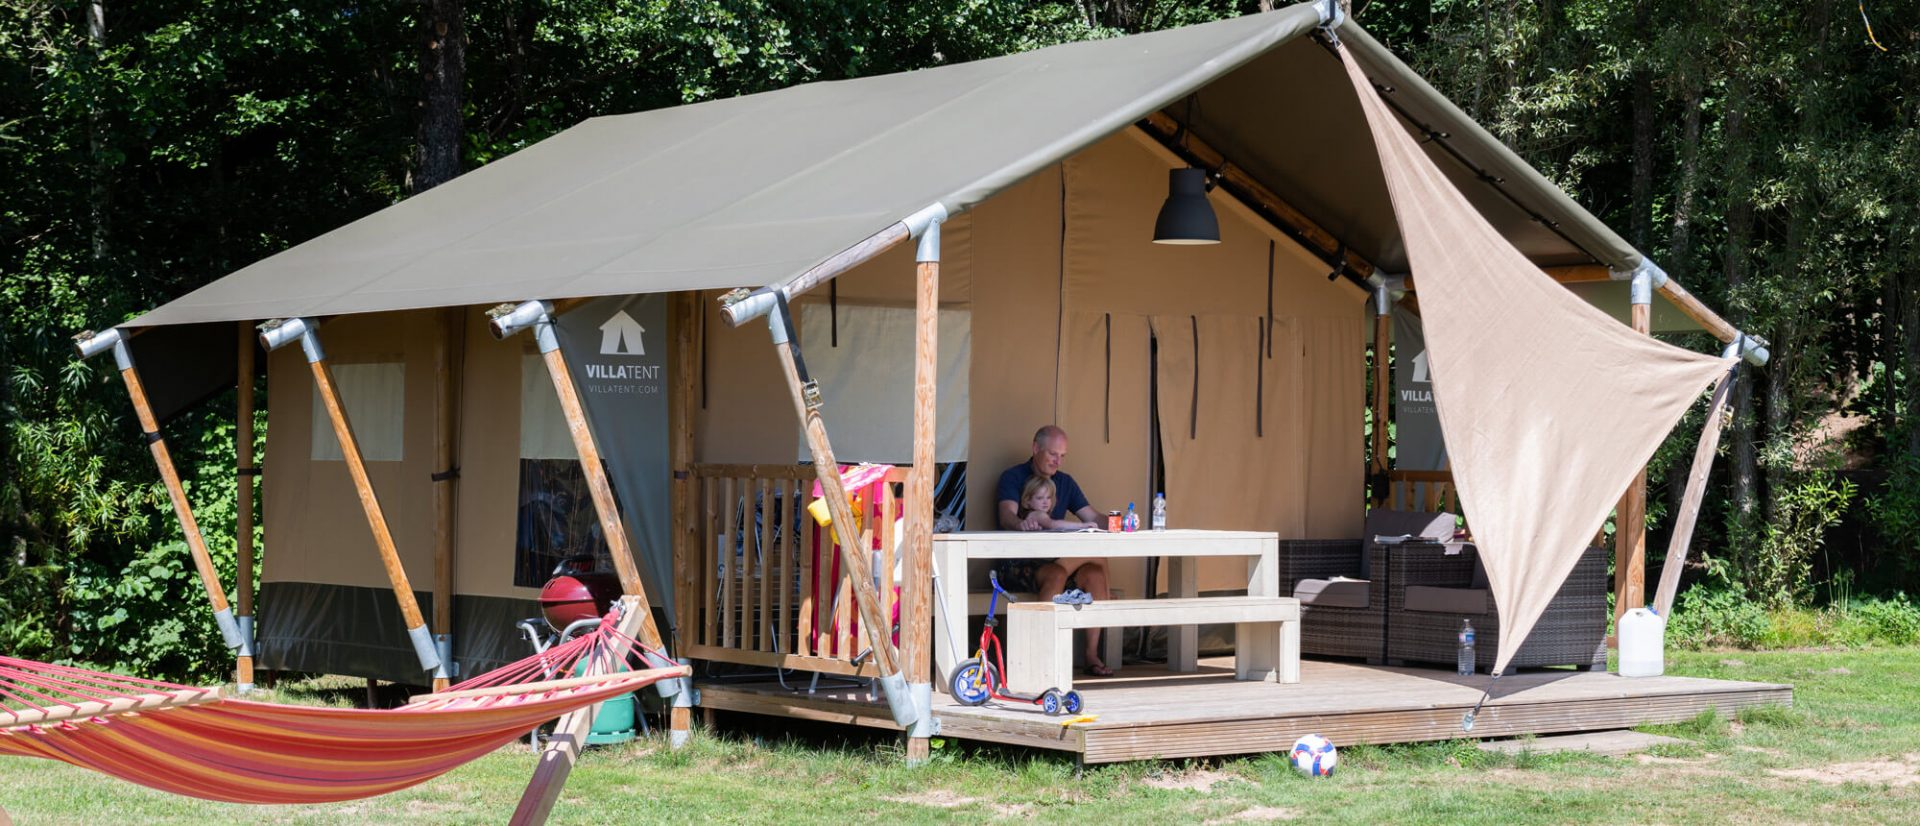 Camping Clos De La Chaume : Tente Safari Camping Au Clos De La Chaume, Camping Vosges, Glamping Vosges, Insolite Vosges